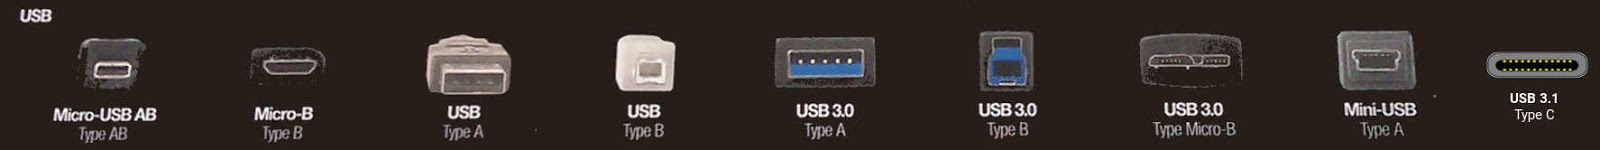 USB tip A, B, C, micro USB și Mini USB; versiune 2.0, 3.0, 3.1.